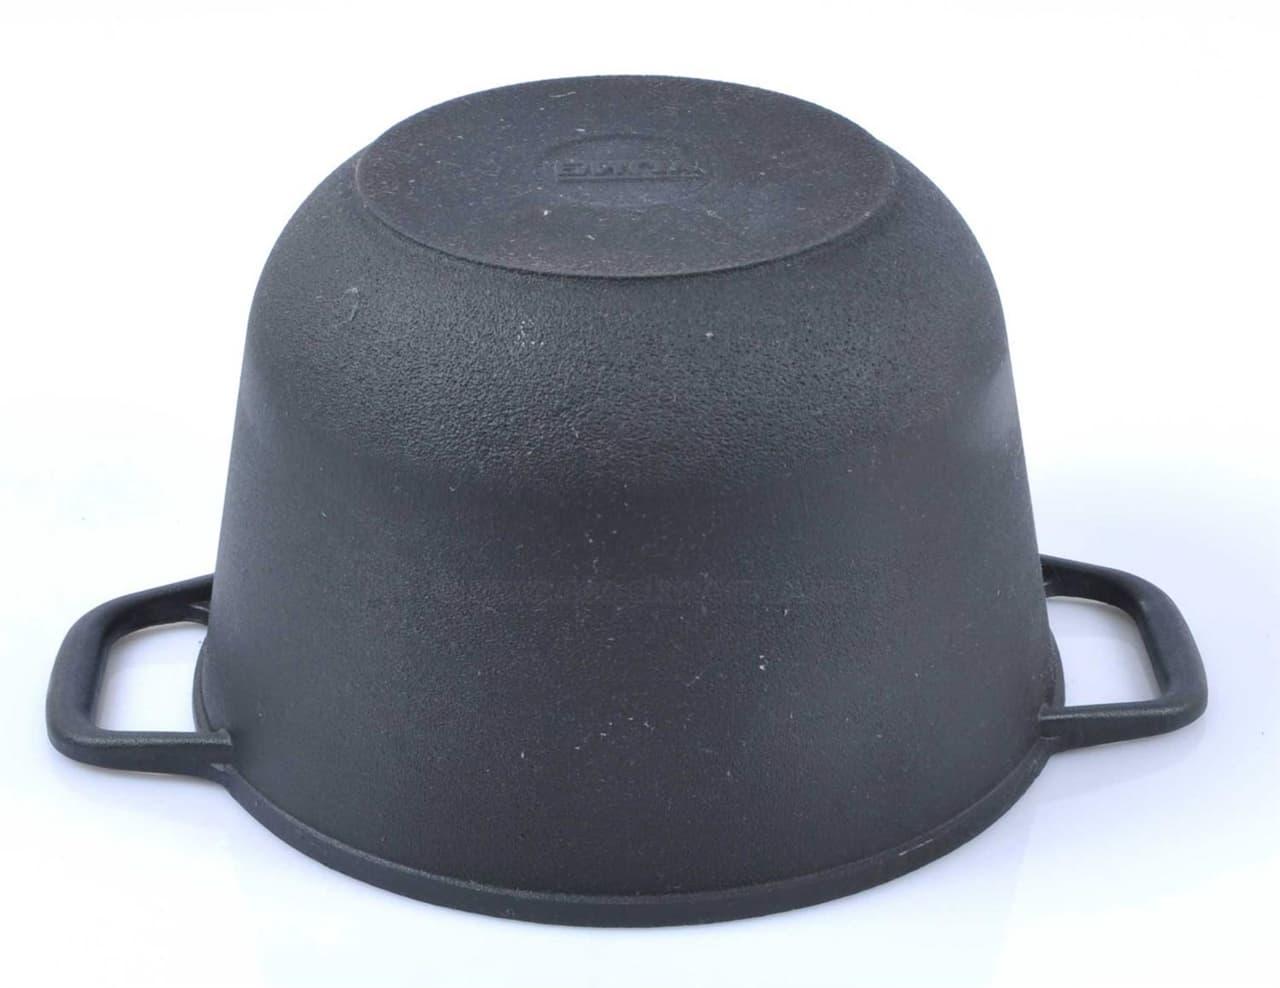 Кастрюля чугунная 3 л. с крышкой сковородой БИОЛ 0203 - фото 5387